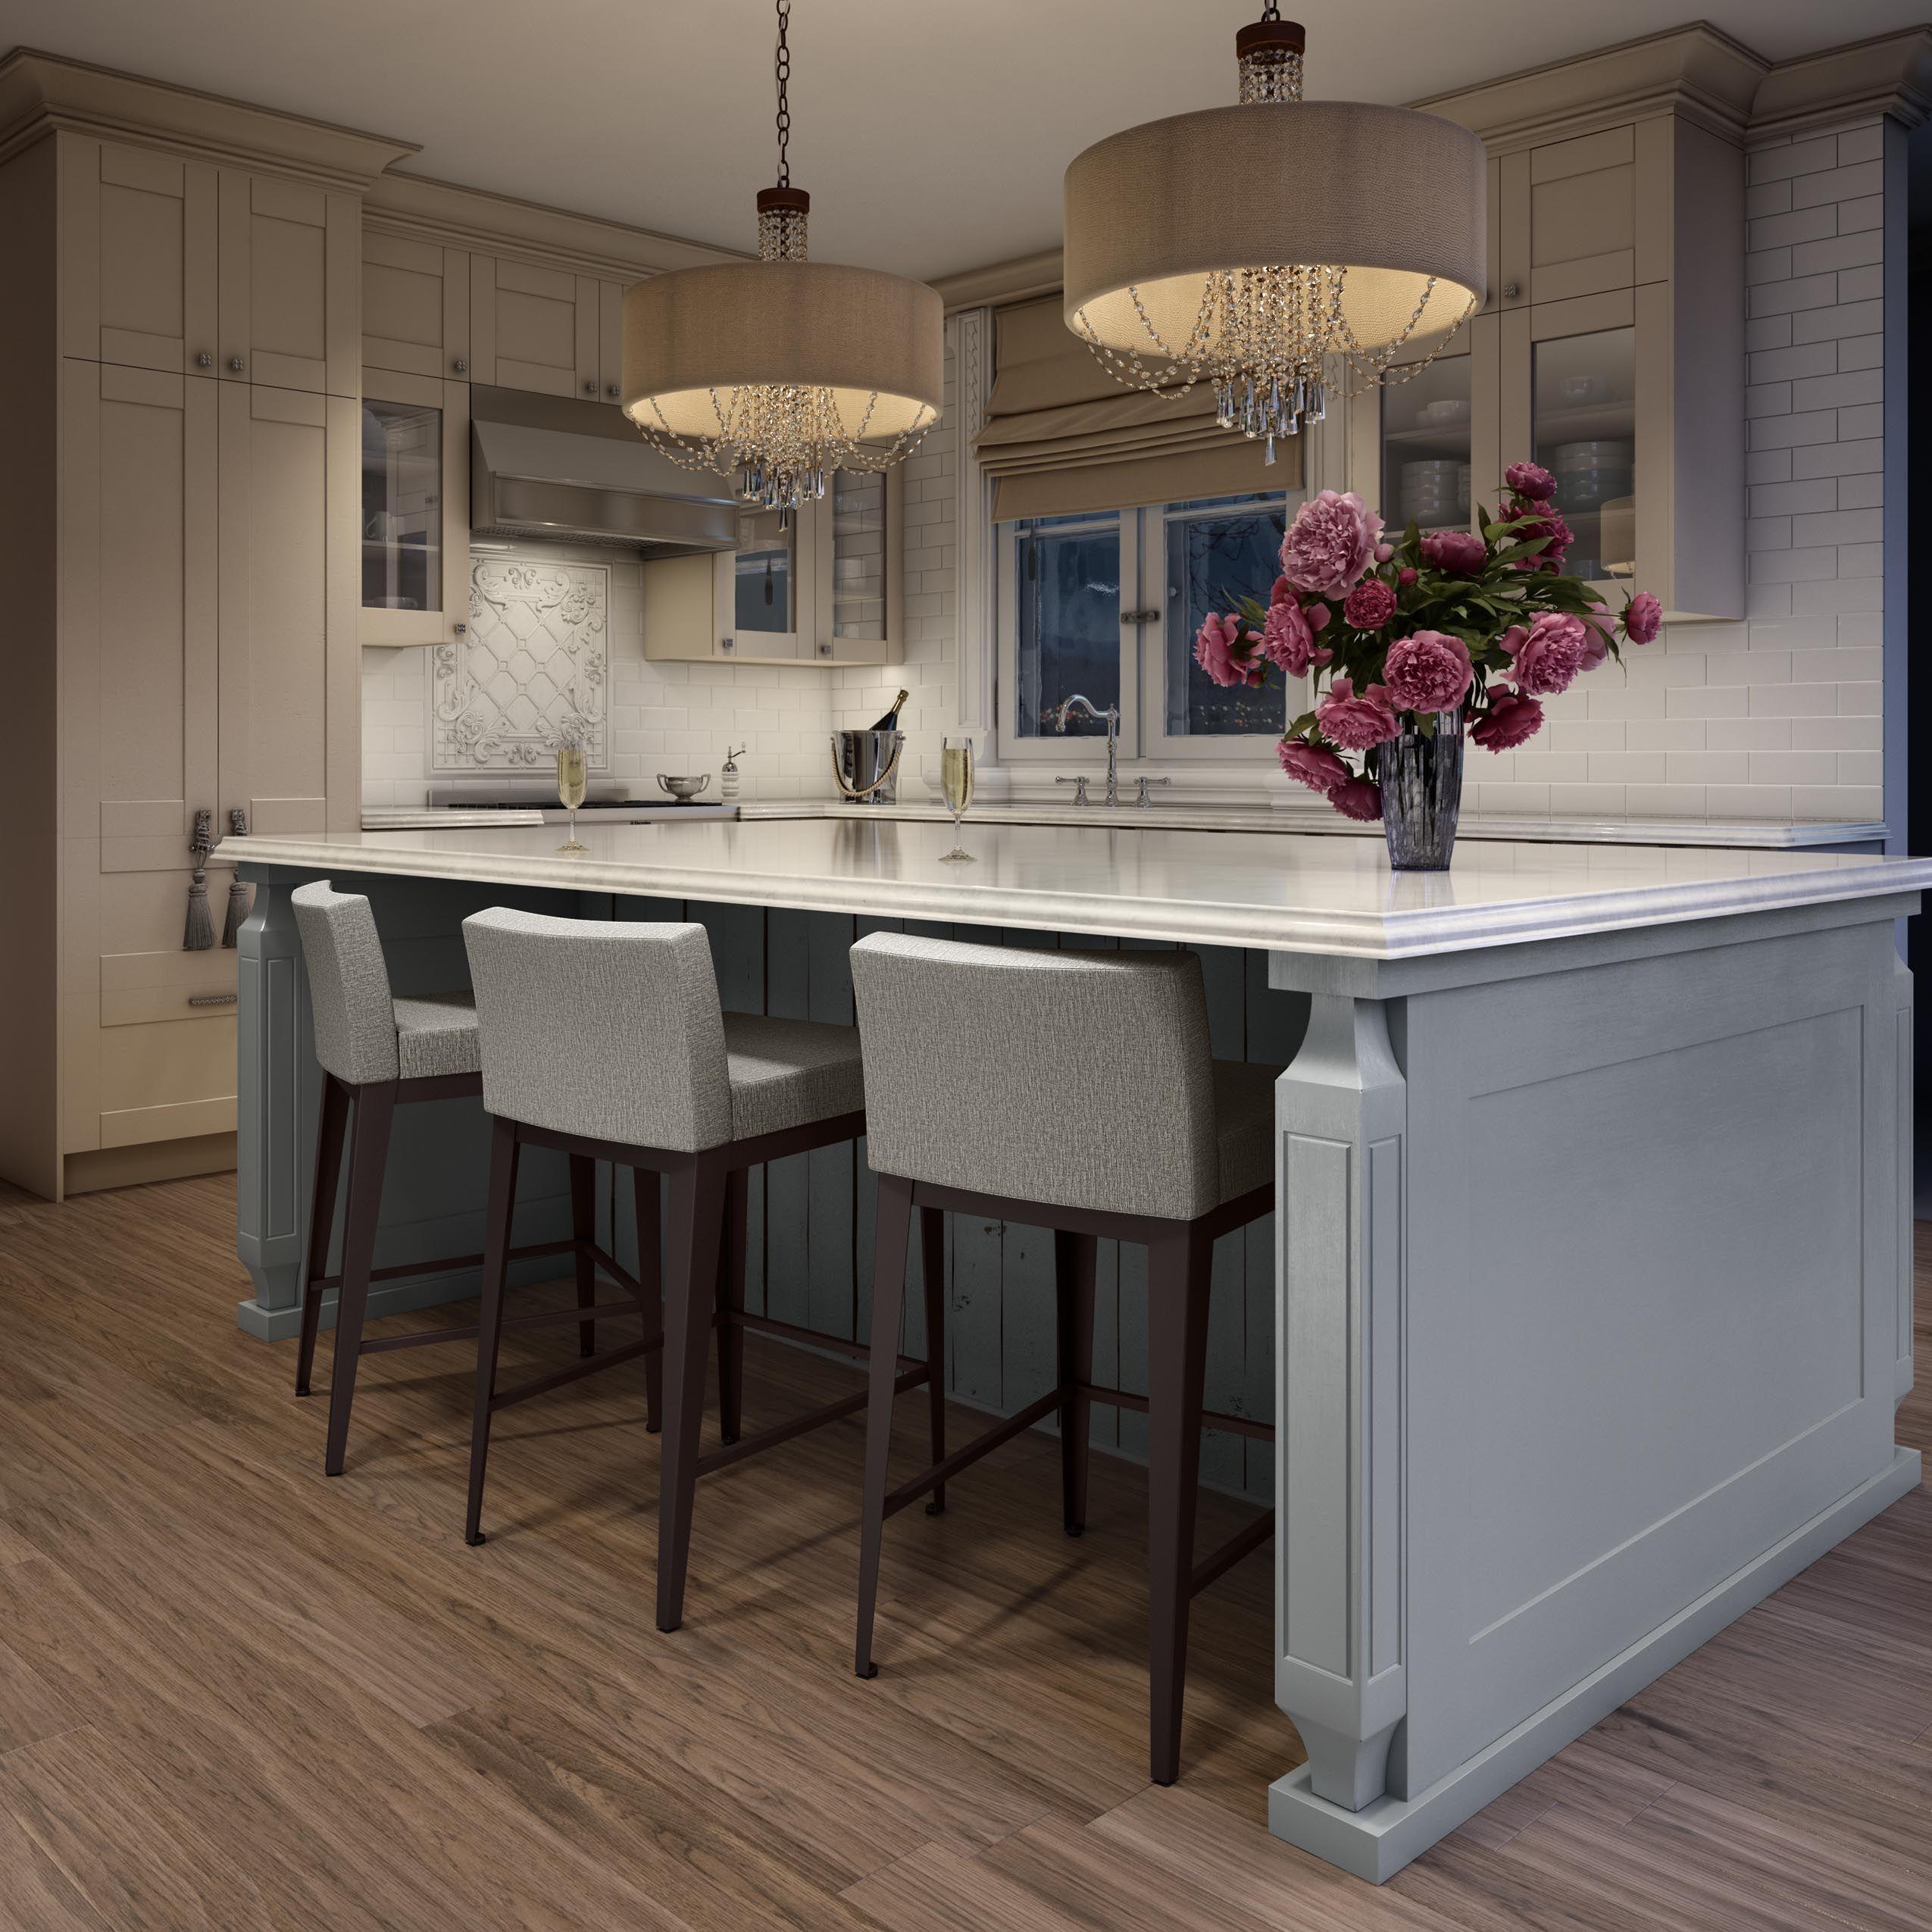 AMISCO - Ethan Stool (45308) - Furniture - Kitchen - Boudoir ...